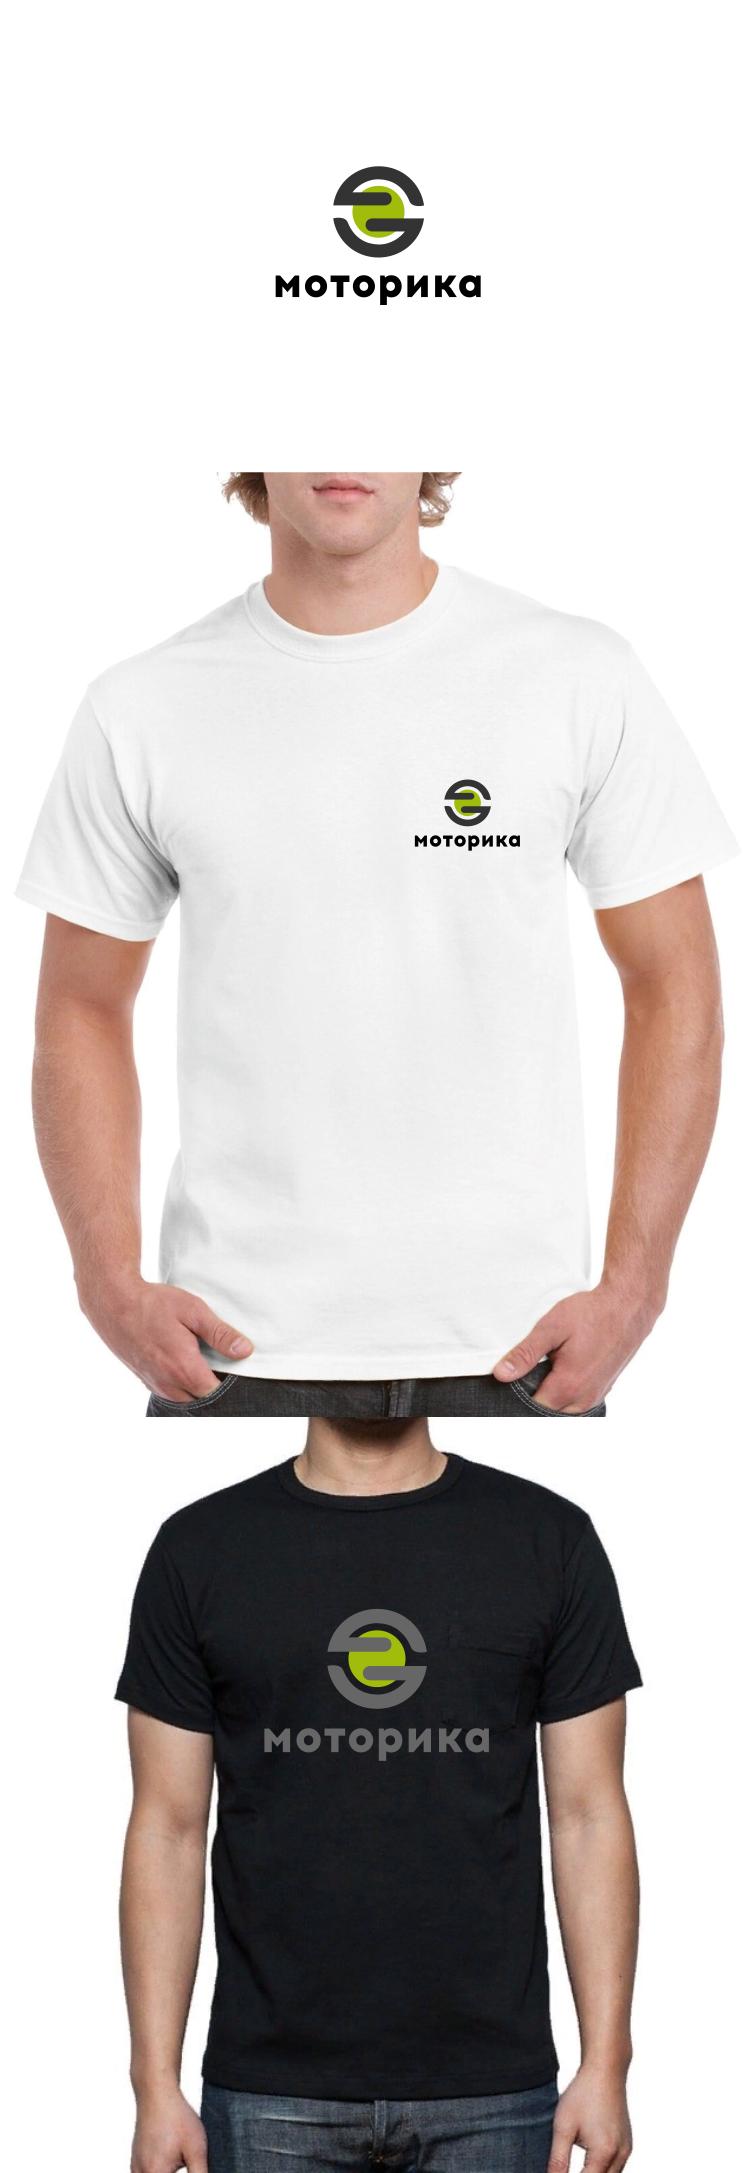 Нарисовать принты на футболки для компании Моторика фото f_91960a6cb757da2a.png